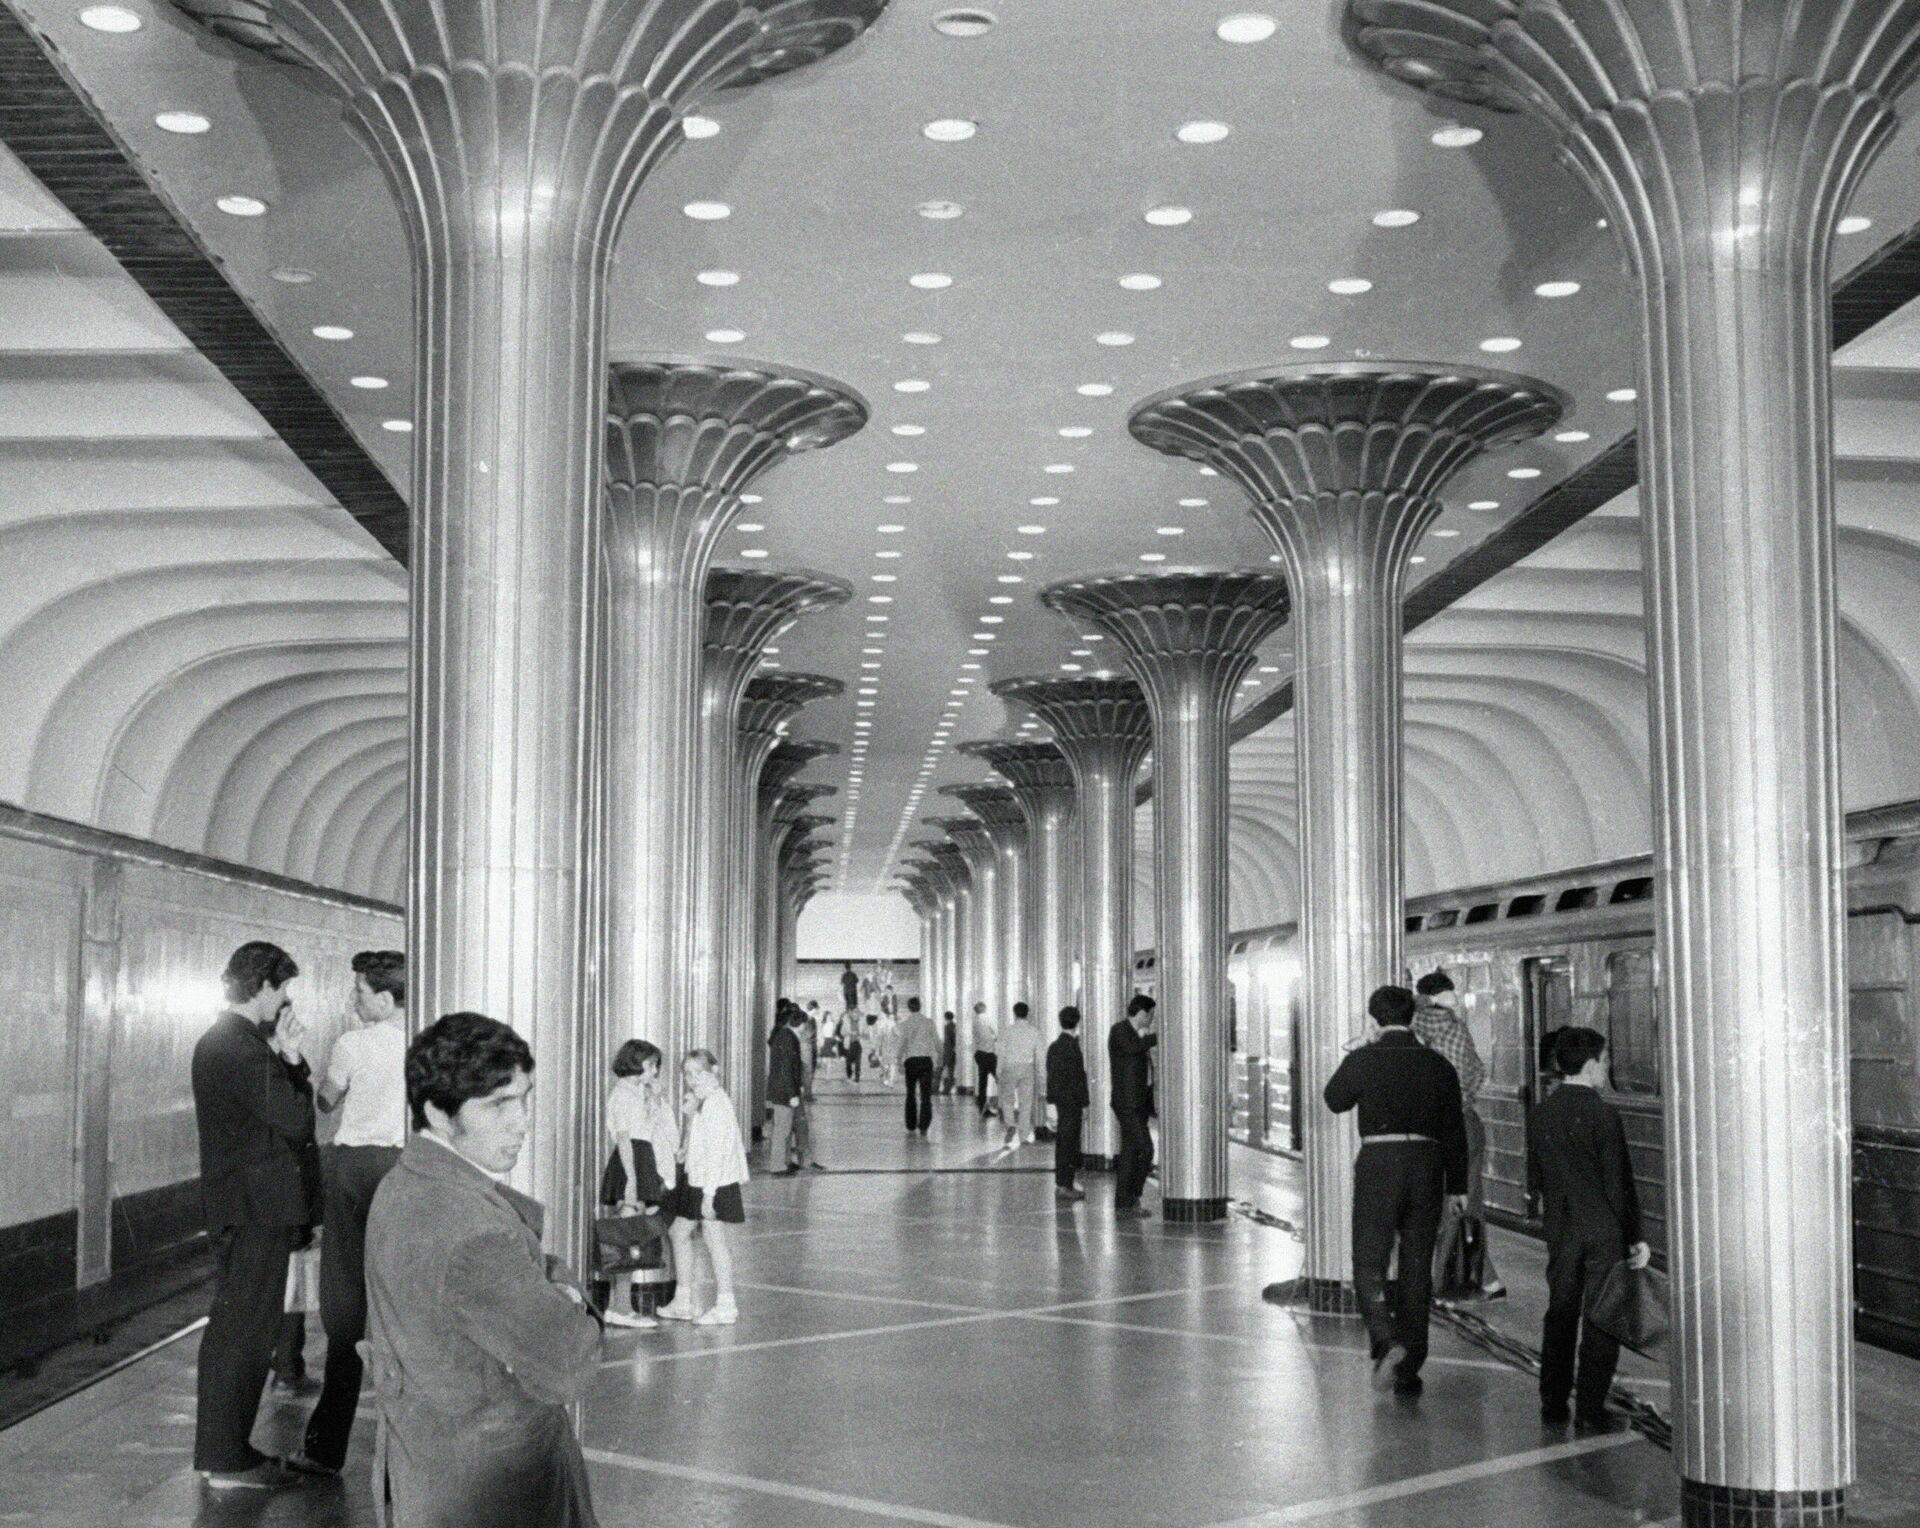 Станция метро Нариманов в Баку, 1 апреля, 1971 год - Sputnik Узбекистан, 1920, 02.07.2021